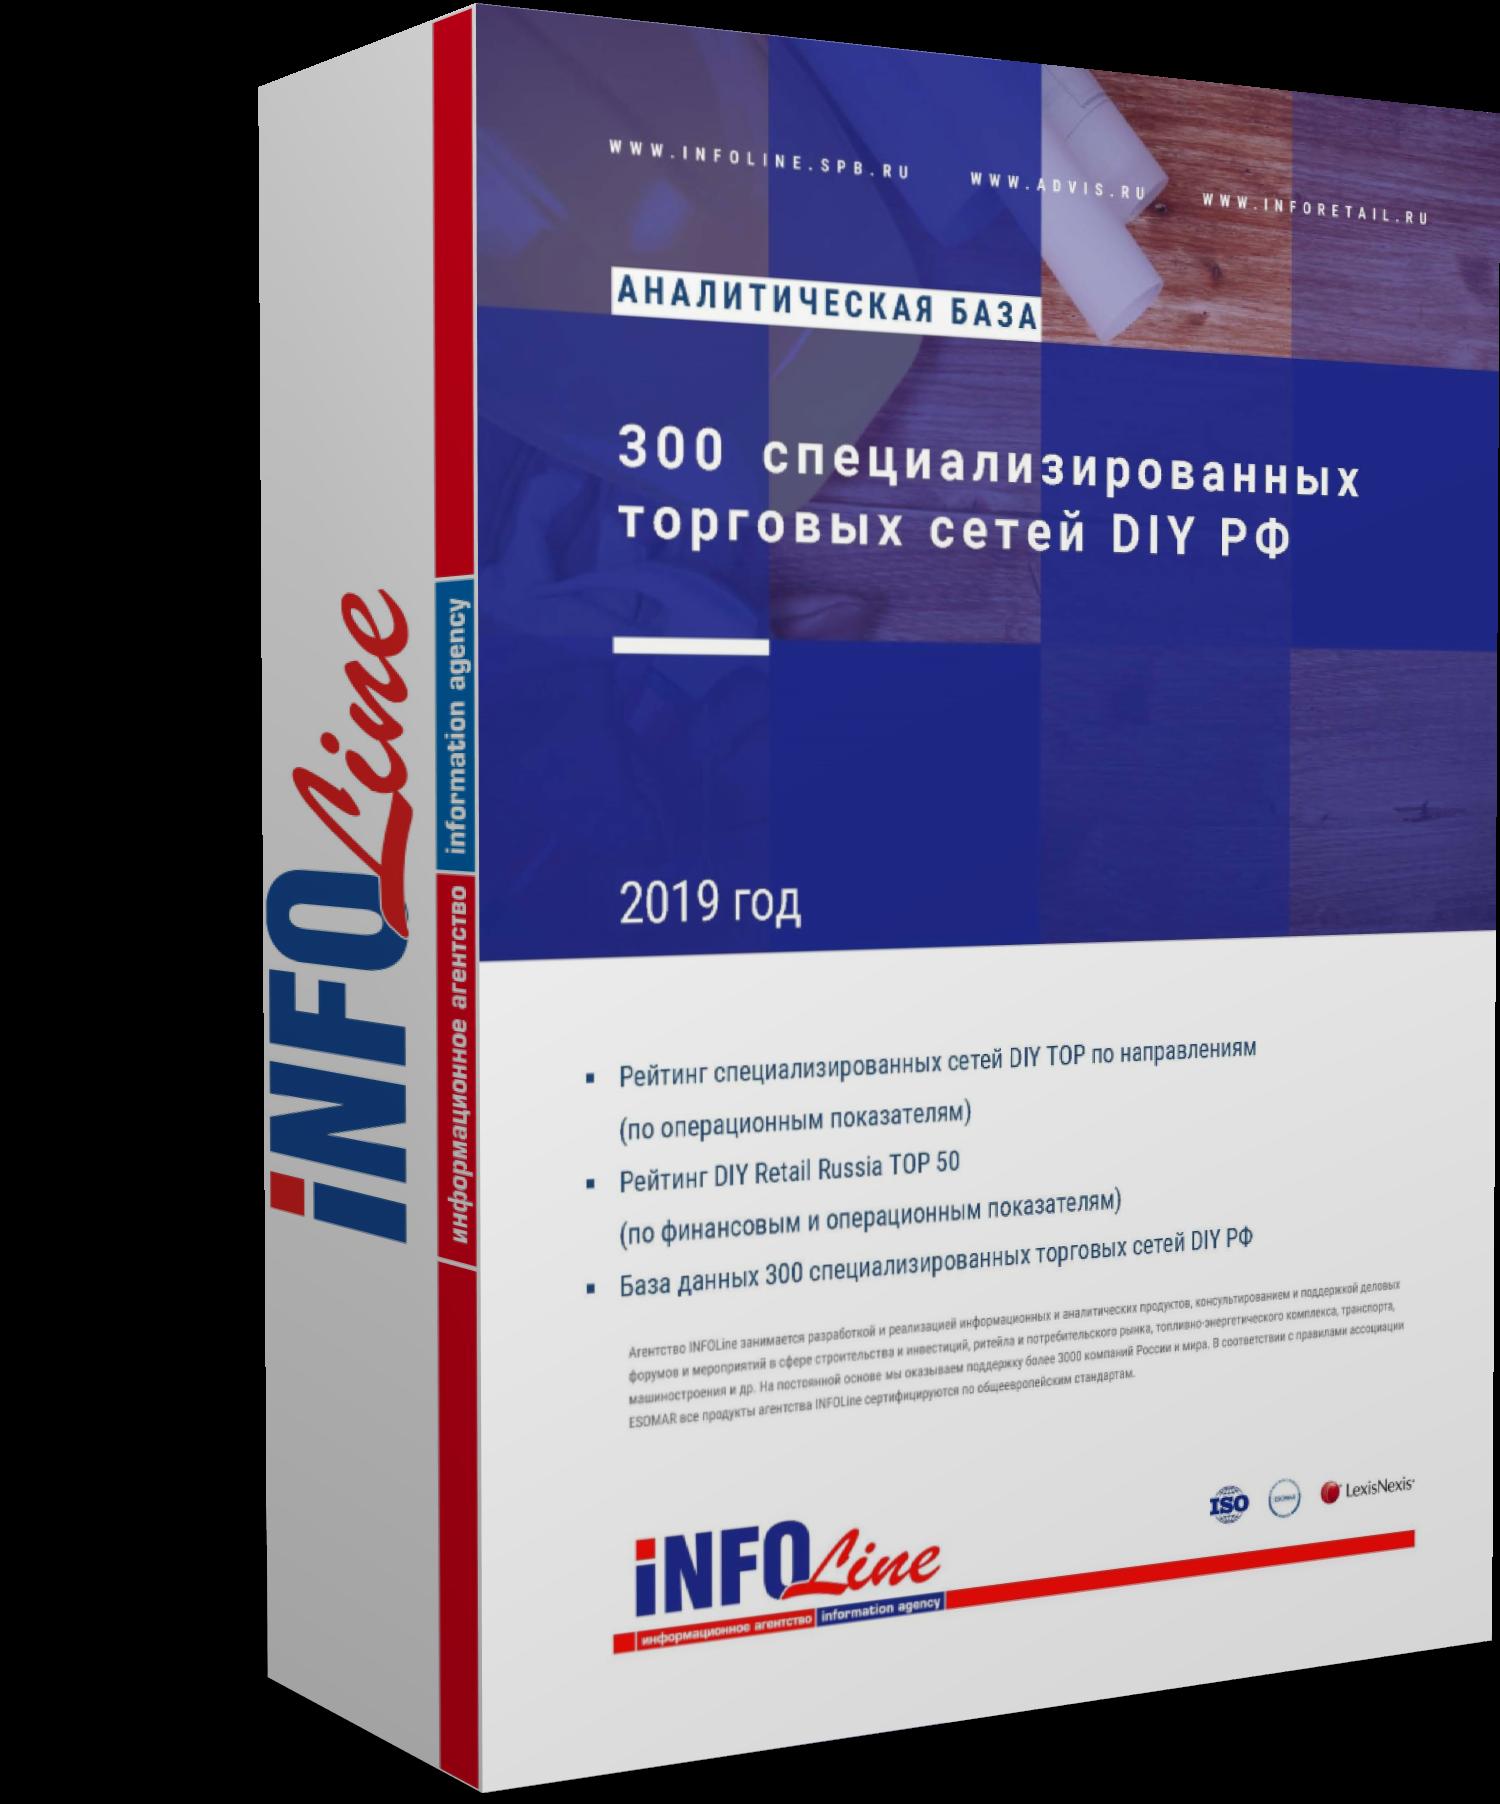 Аналитическая база 300 специализированных торговых сетей DIY РФ. 2019 год (готовится к выходу)